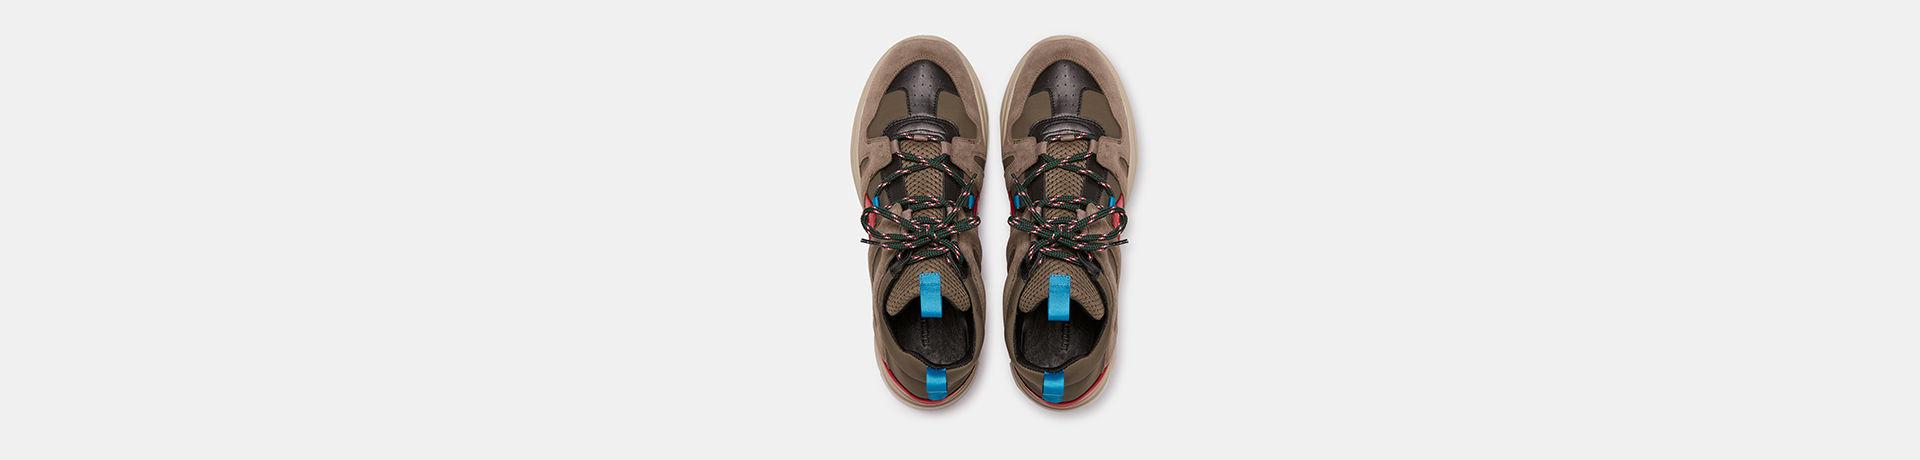 KINDSAY H sneakers